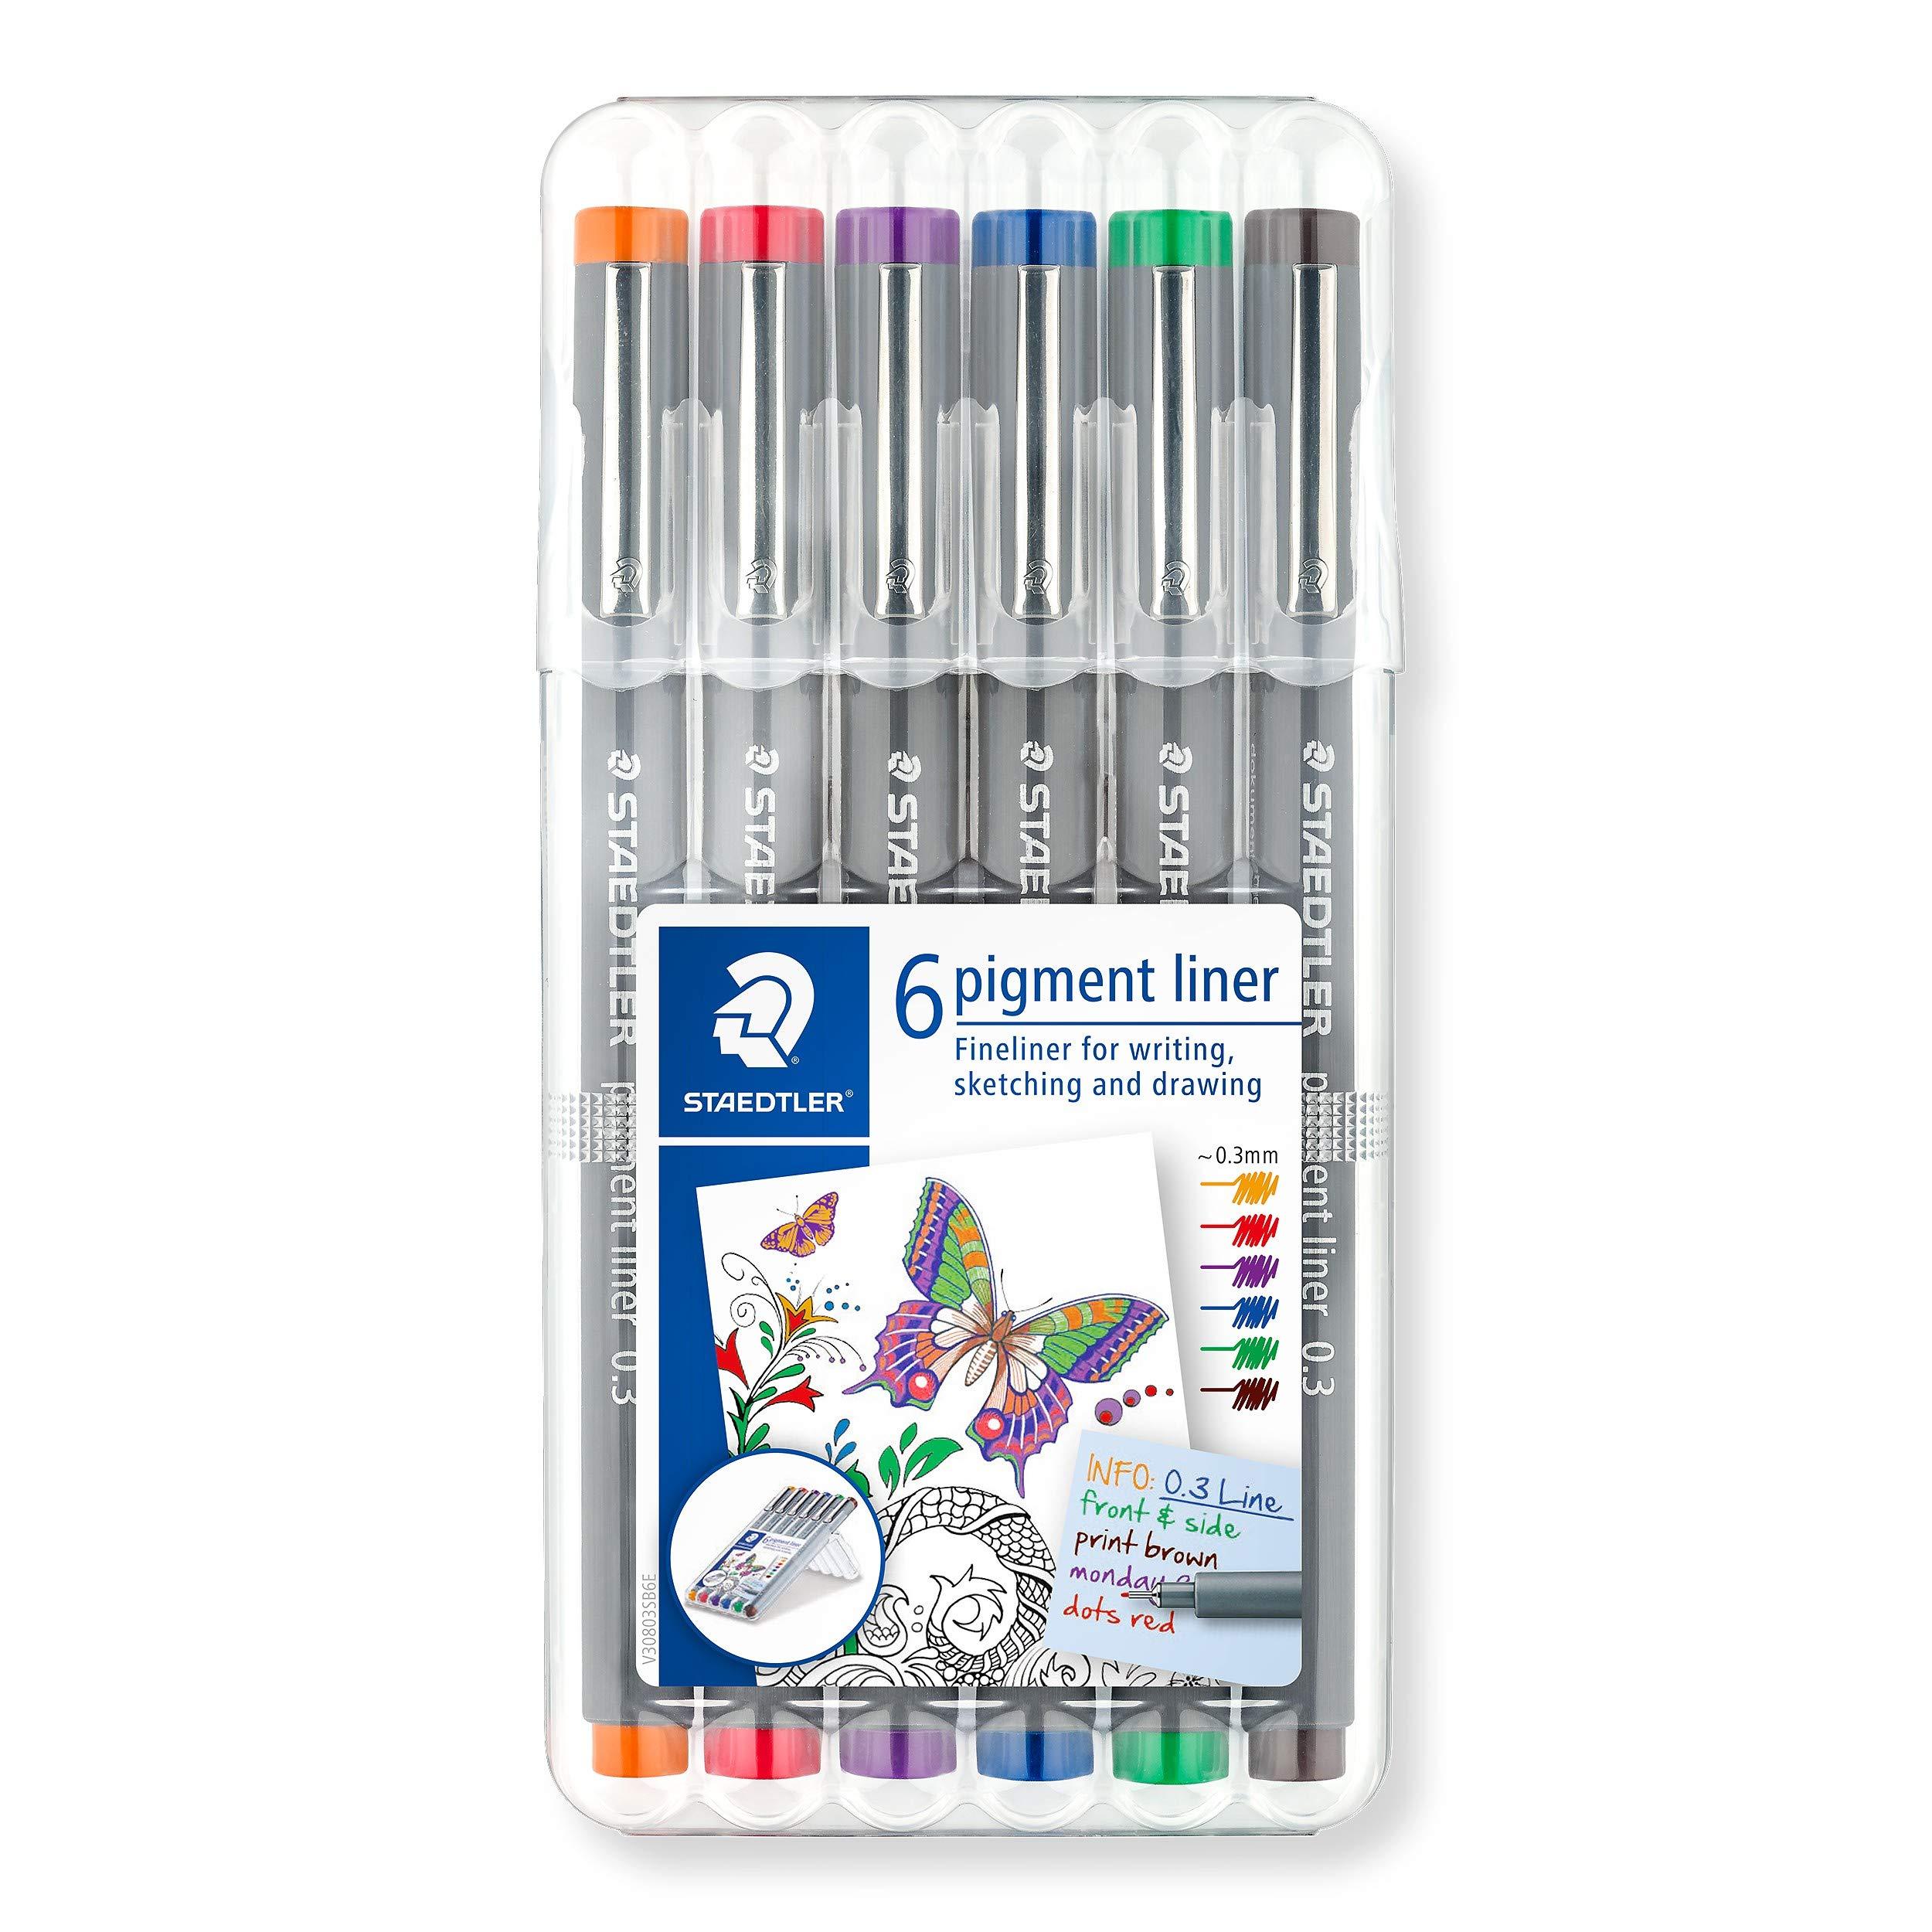 Staedtler Color Pigment Liner Sketch Set of 6 03-SSB6 0.3mm by STAEDTLER